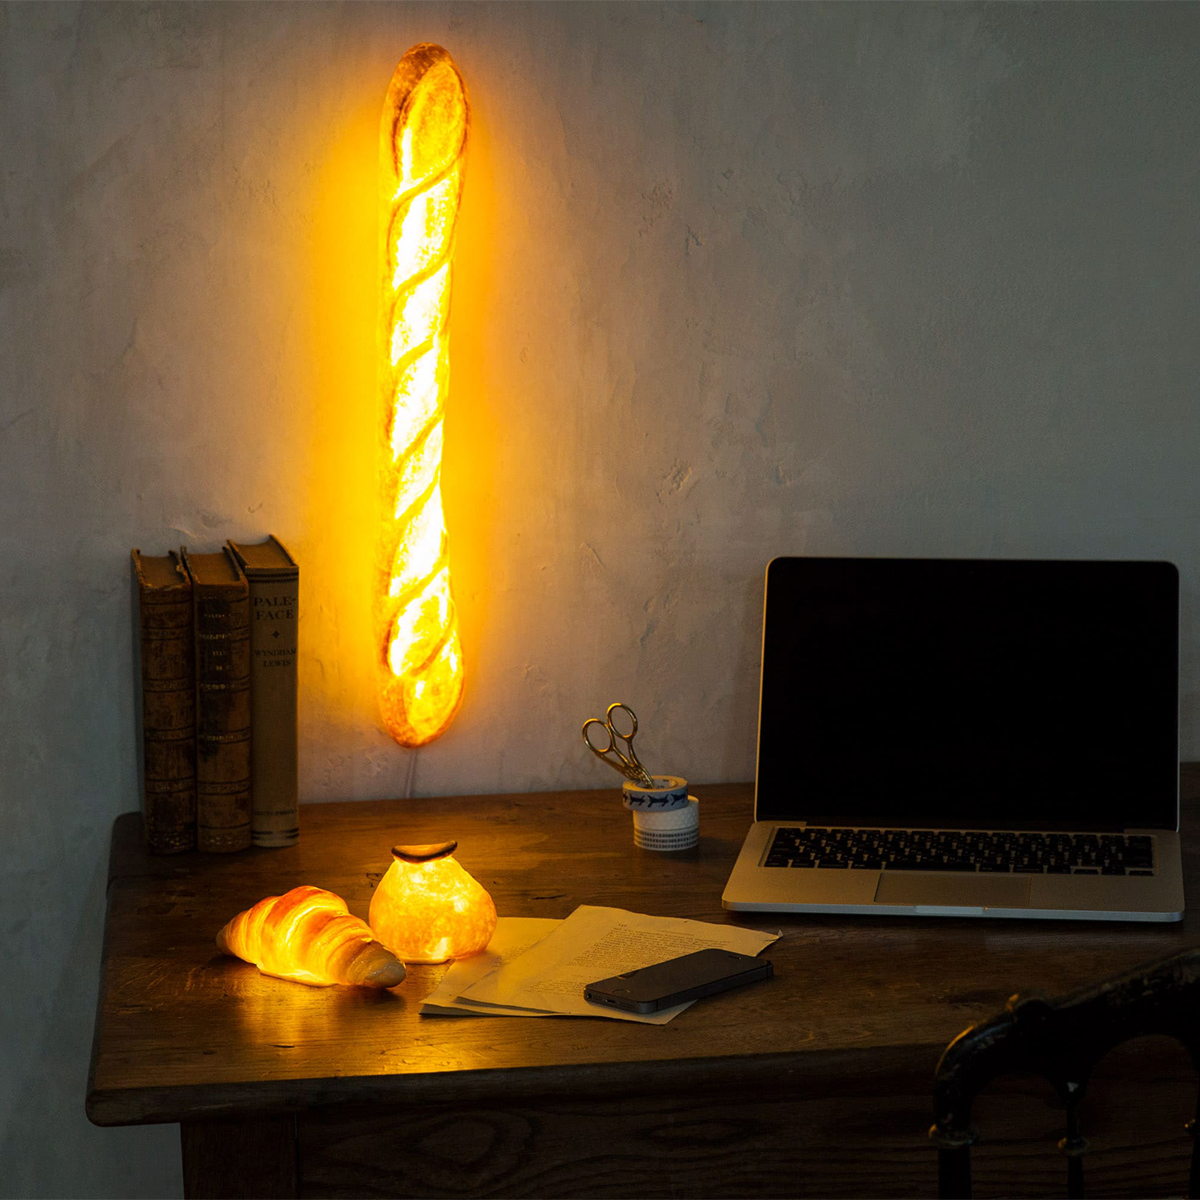 ベッドサイド|本物のパンがそのままインテリアライトに!置くだけで明かりのオンオフができる「ライト・ランプ・間接照明」|モリタ製パン所「パンプシェード」